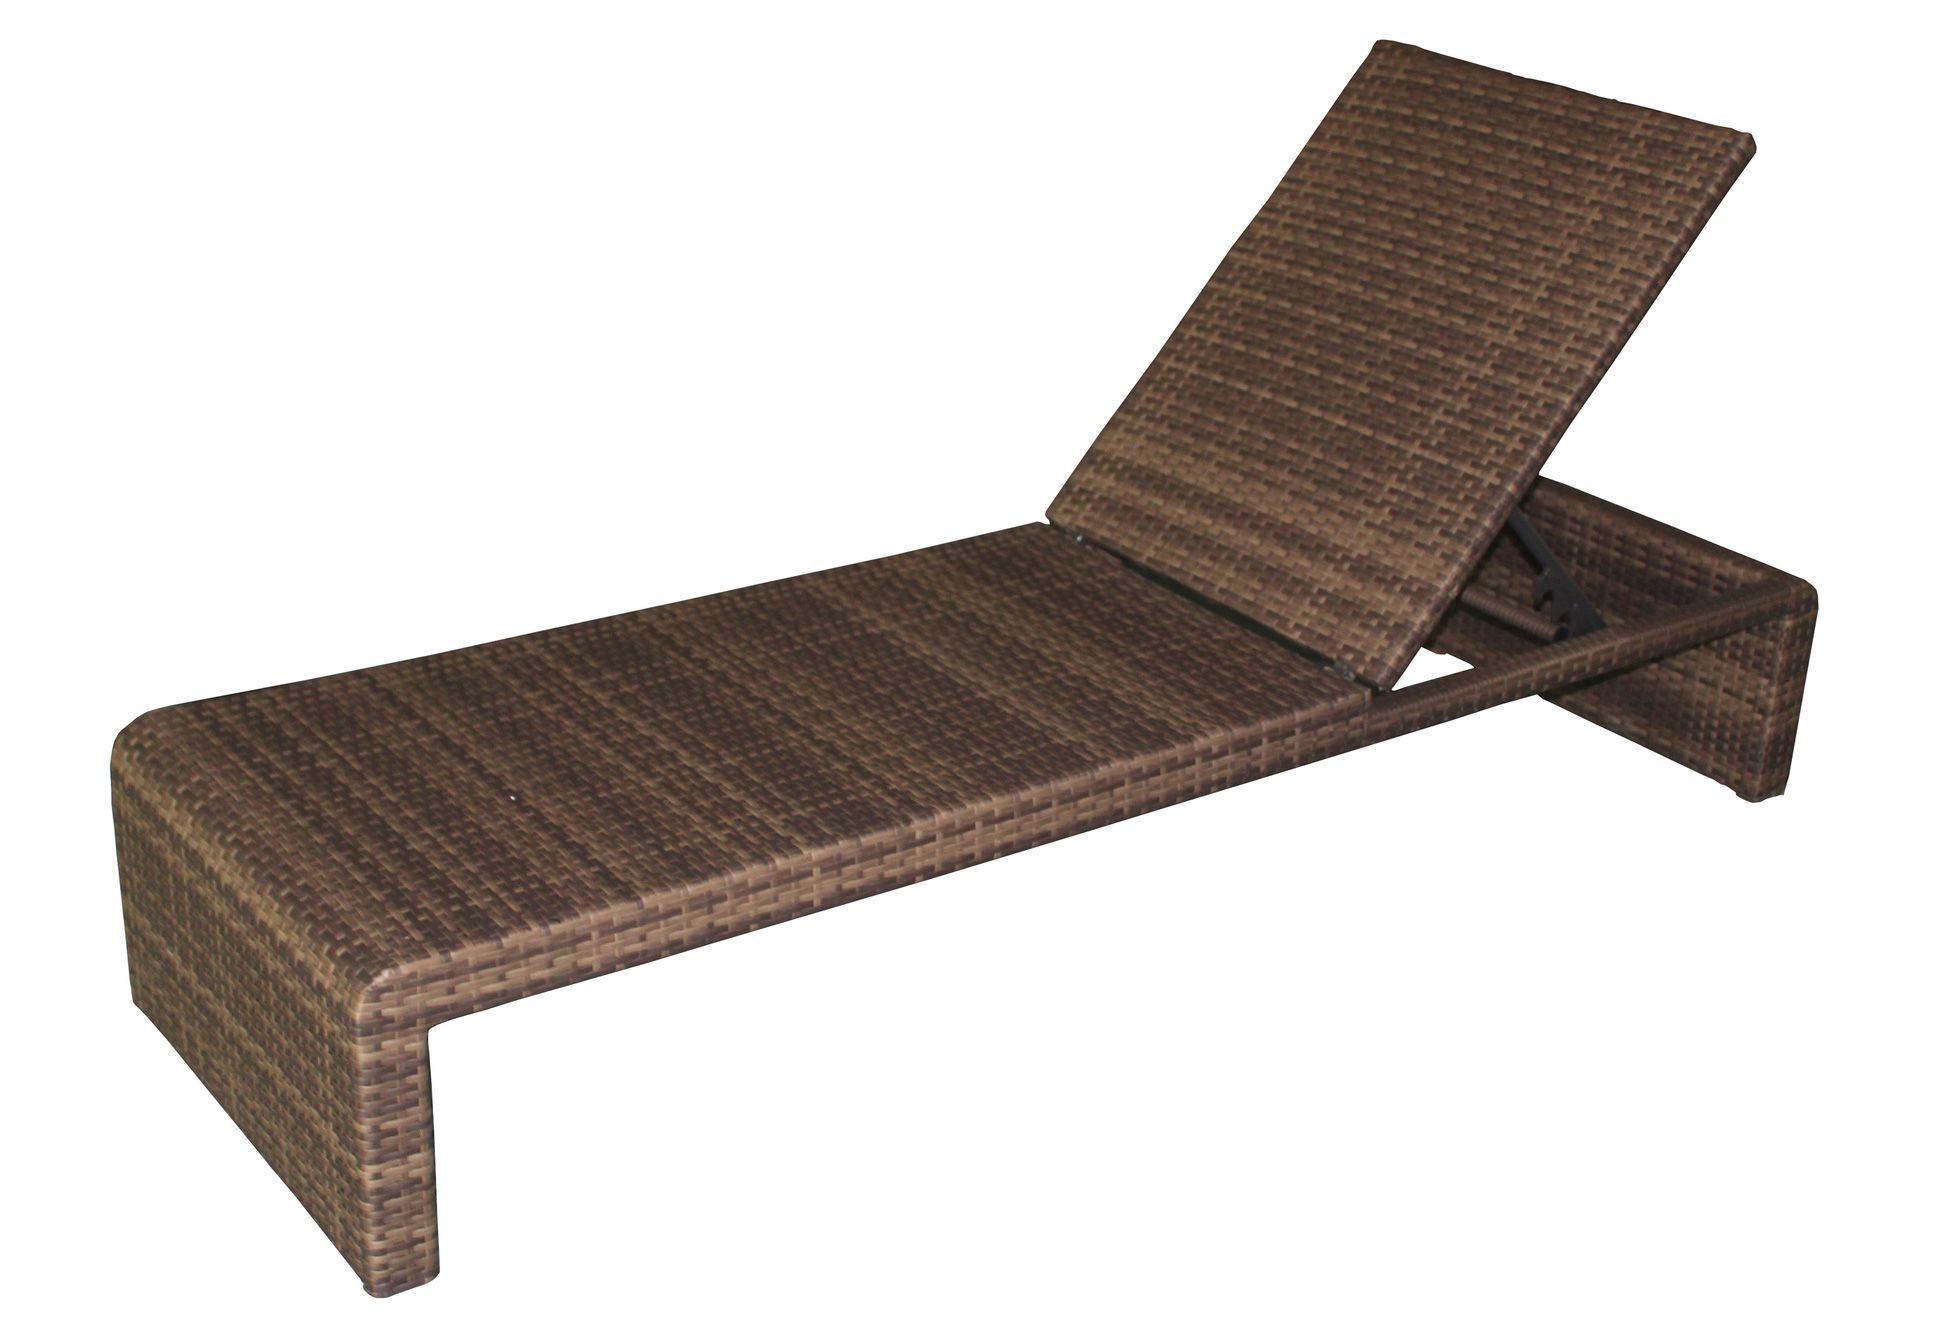 Шезлонг SunloungeПлетеная мебель из искусственного ротанга<br>Размер: 96х196 В60<br><br>Артикул: 522059<br>Материалы: Искусственный ротанг<br>Каркас: Алюминиевый<br>Полный размер: 96х196 В60<br>Цвет: Коричневый<br>Примечание: Подушка в стоимость не входит<br>Изготовление и доставка: 2-3 дня<br>Условия доставки: Бесплатная по Москве до подъезда<br>Условие оплаты: Оплата наличными при получении товара<br>Гарантия: 12 месяцев<br>Производство: Швеция<br>Производитель: Brafab